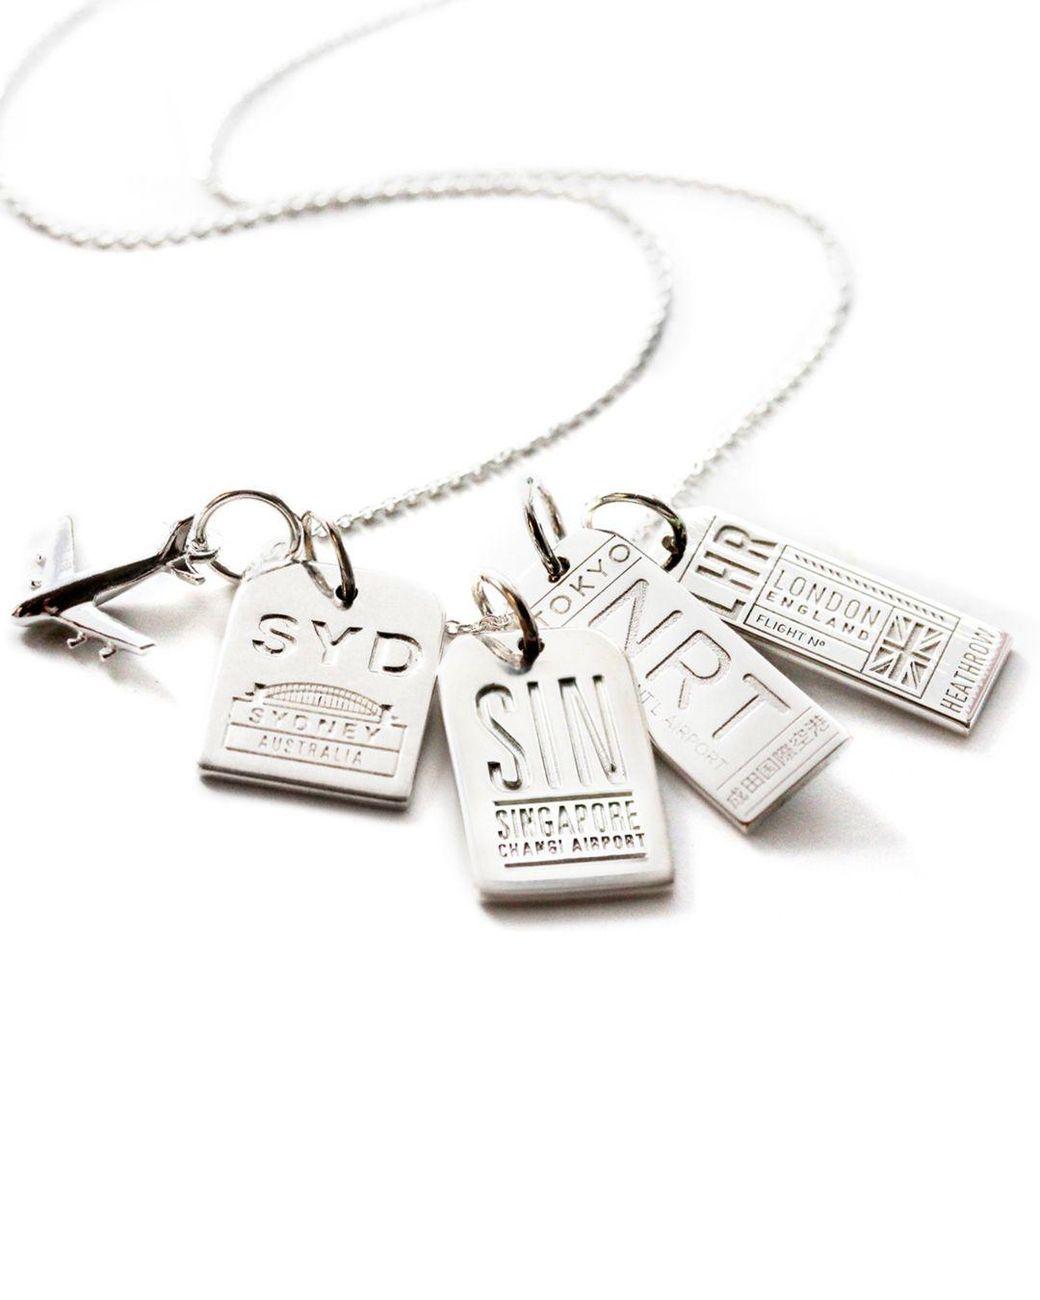 Wishrocks 14k Gold Over Sterling Silver Knuckles Pendant Necklace